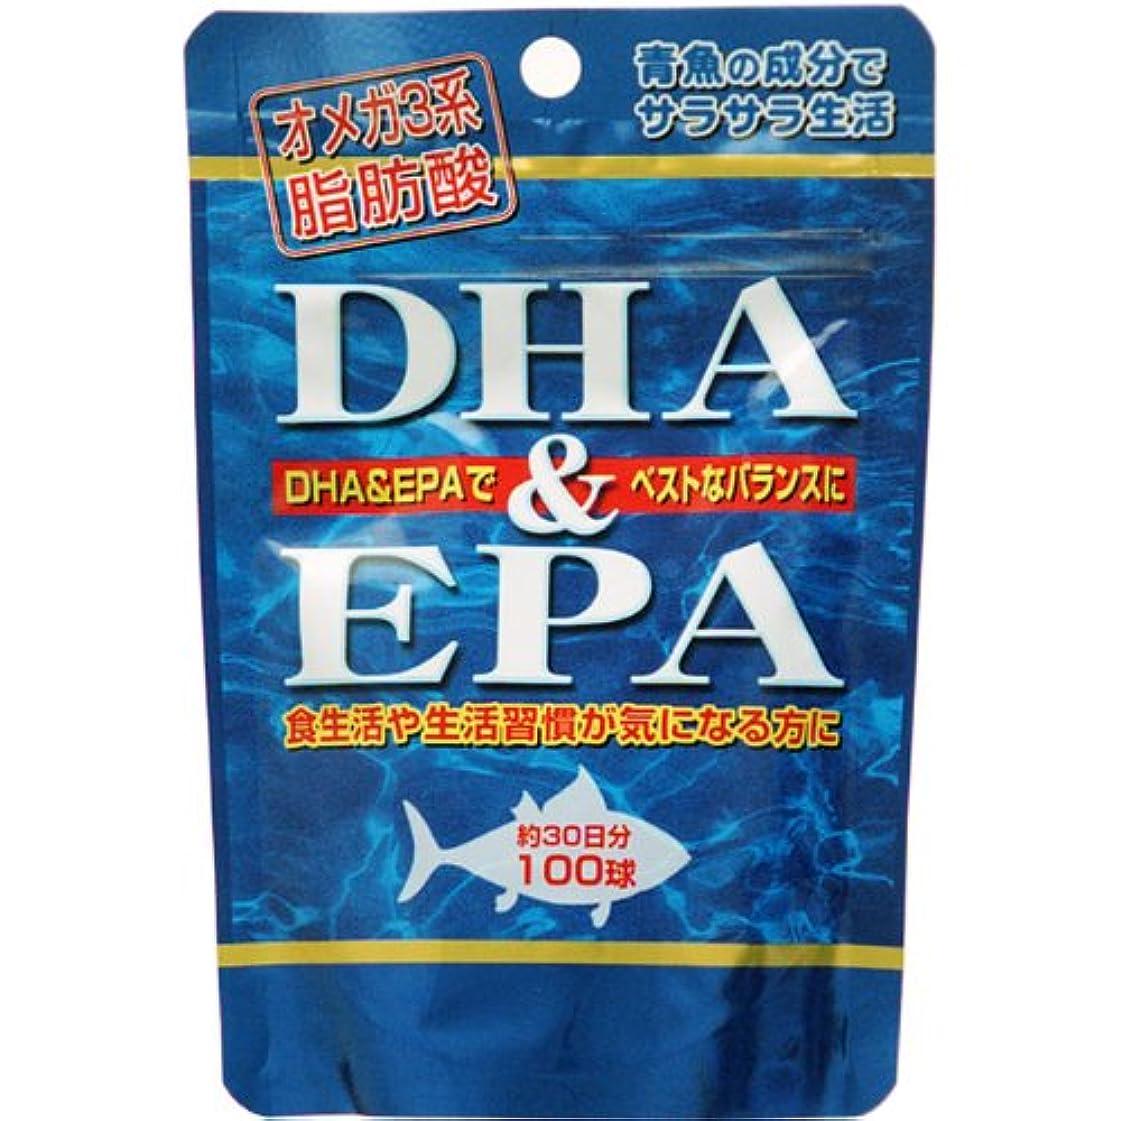 すなわちながら粘性のDHA(ドコサヘキサエン酸)&EPA(エイコサペンタエン酸)×2